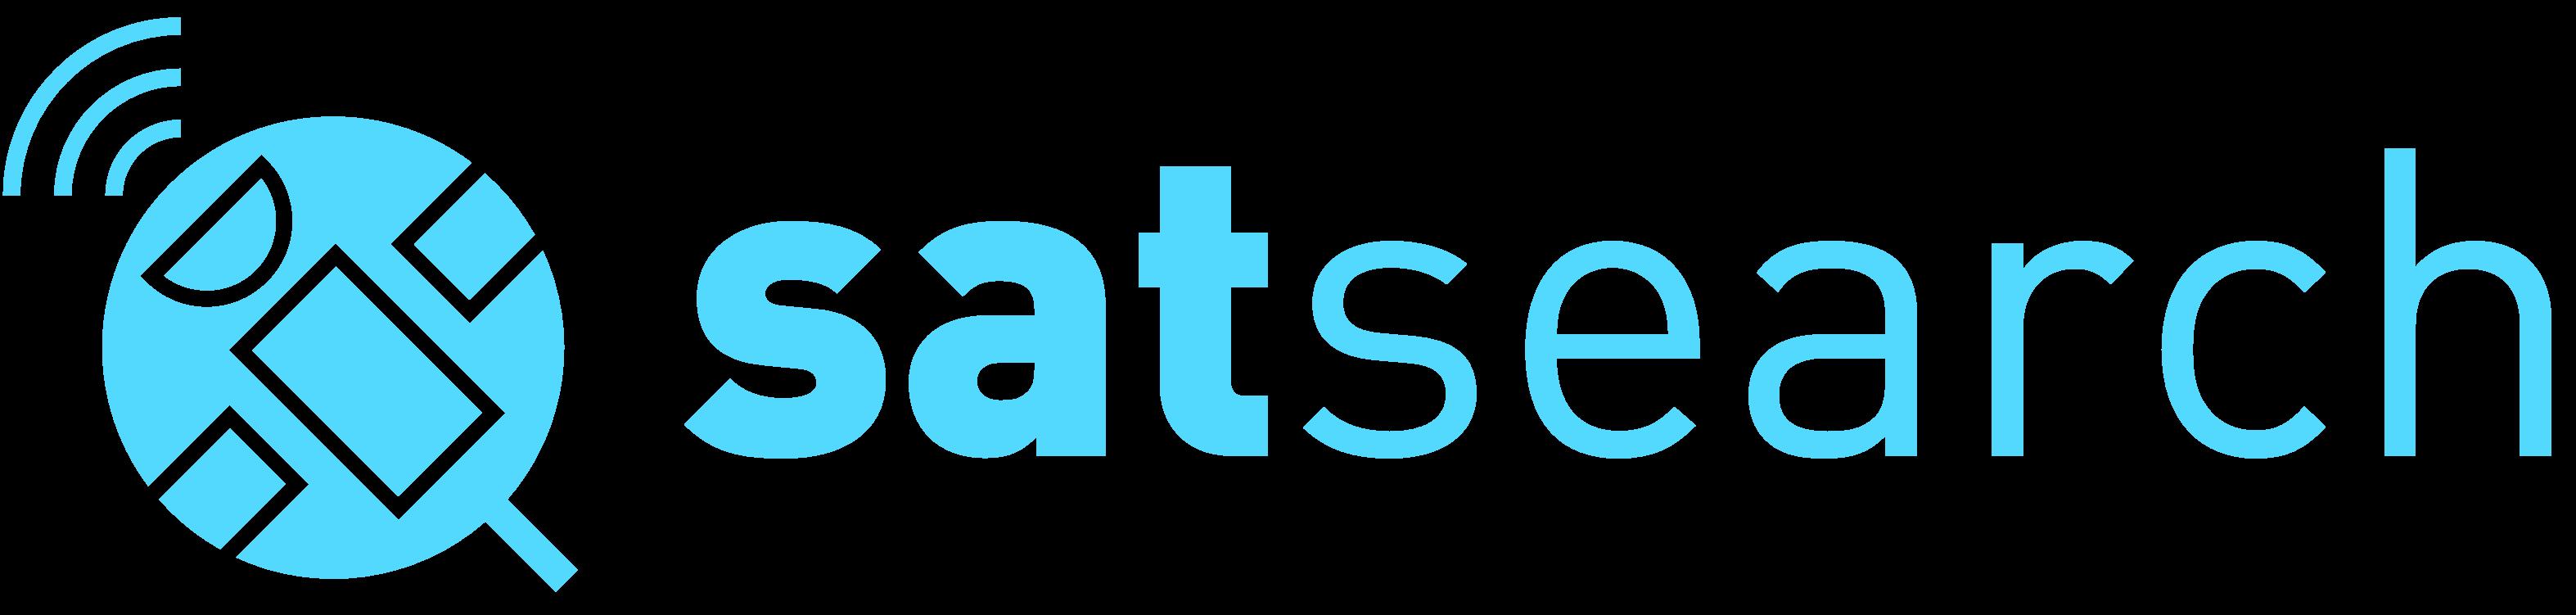 Satsearch logo